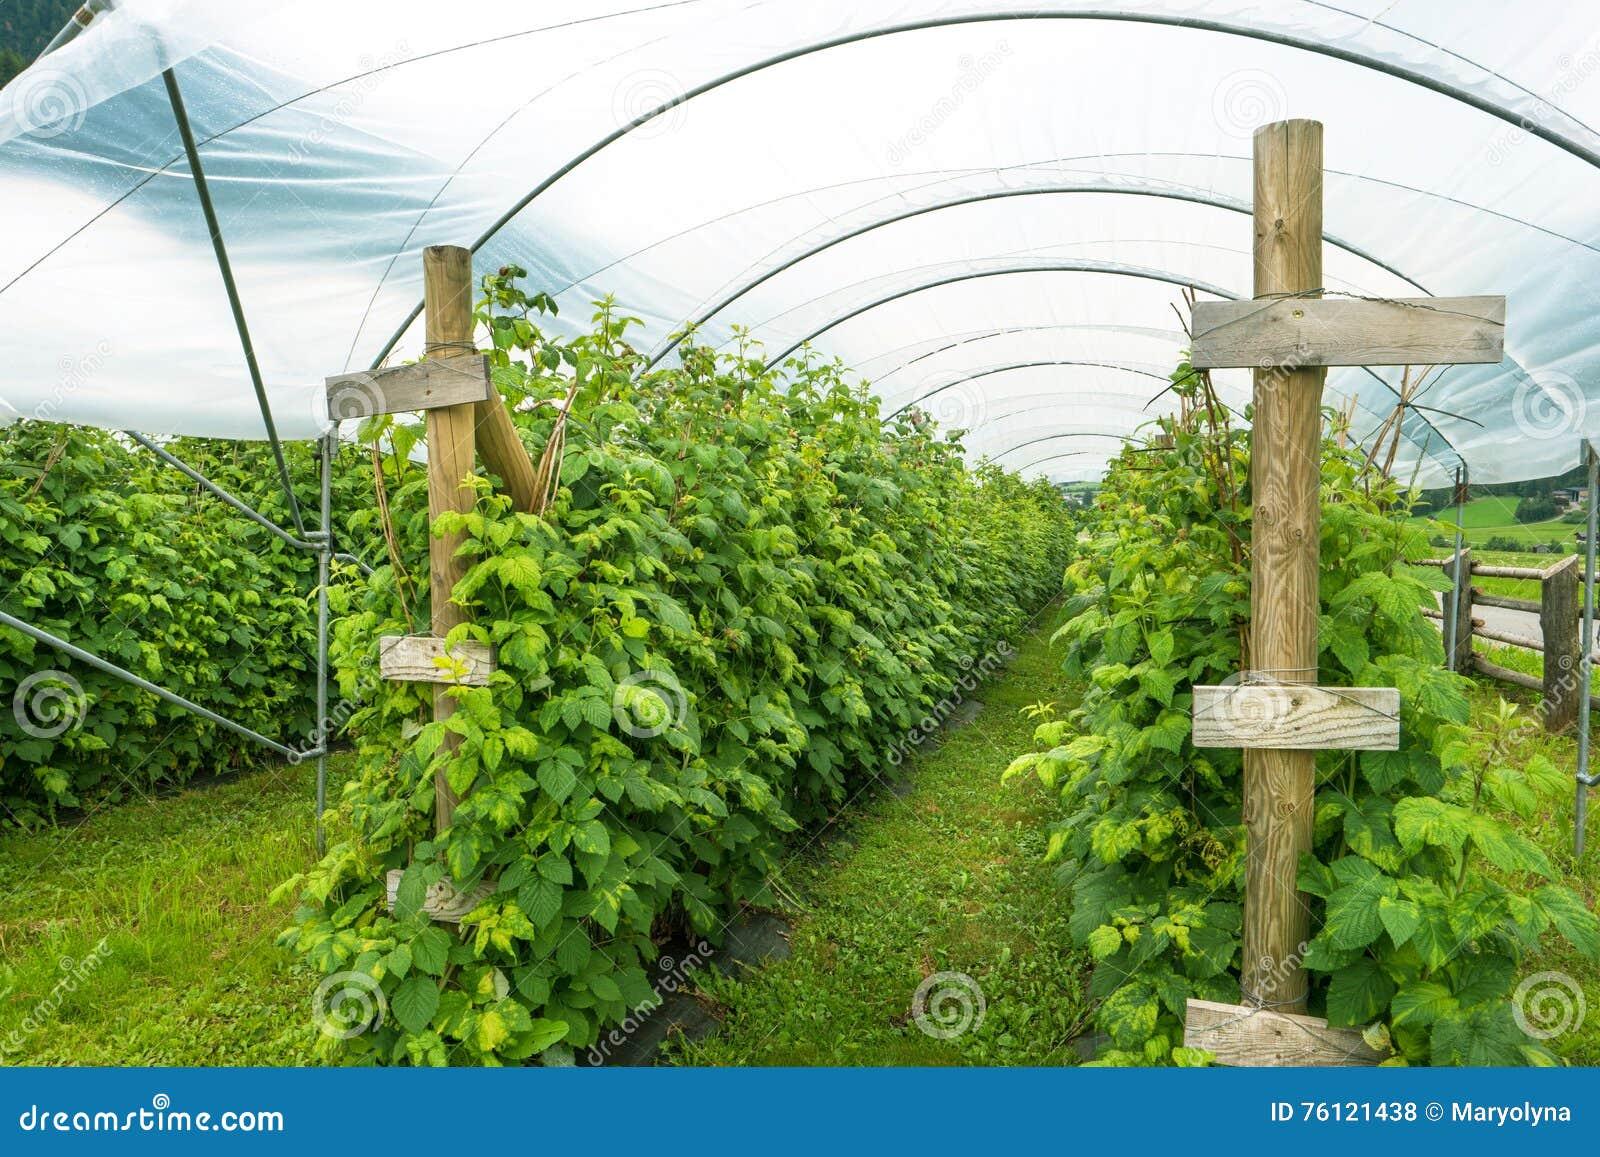 Come Coltivare I Lamponi coltivazione del lampone fotografia stock. immagine di